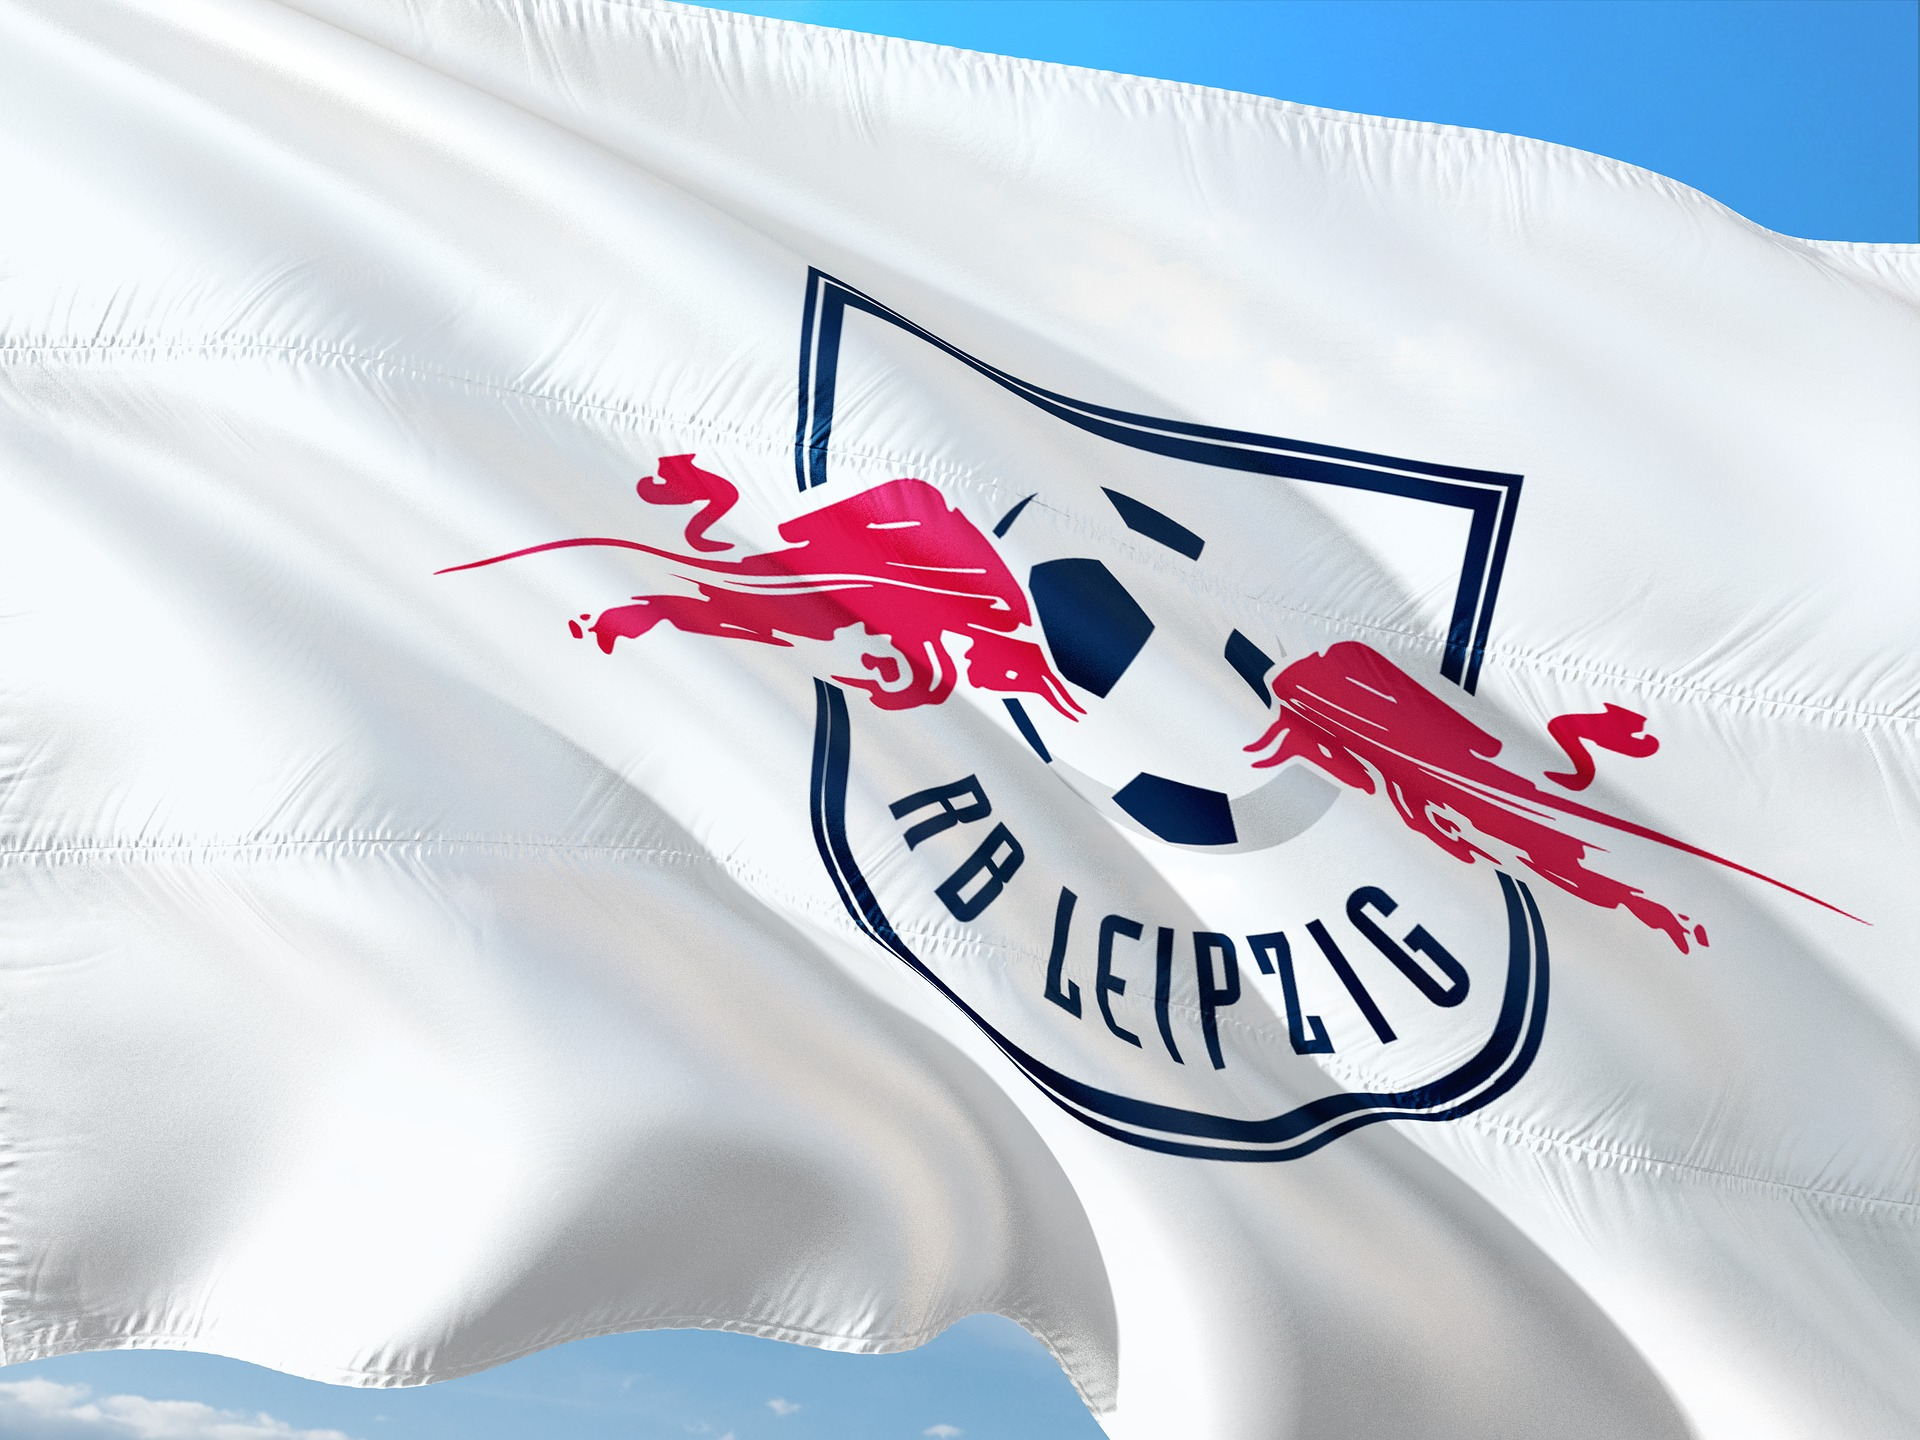 Vergewaltigungsvorwurf gegen RB Leipzig-Spieler